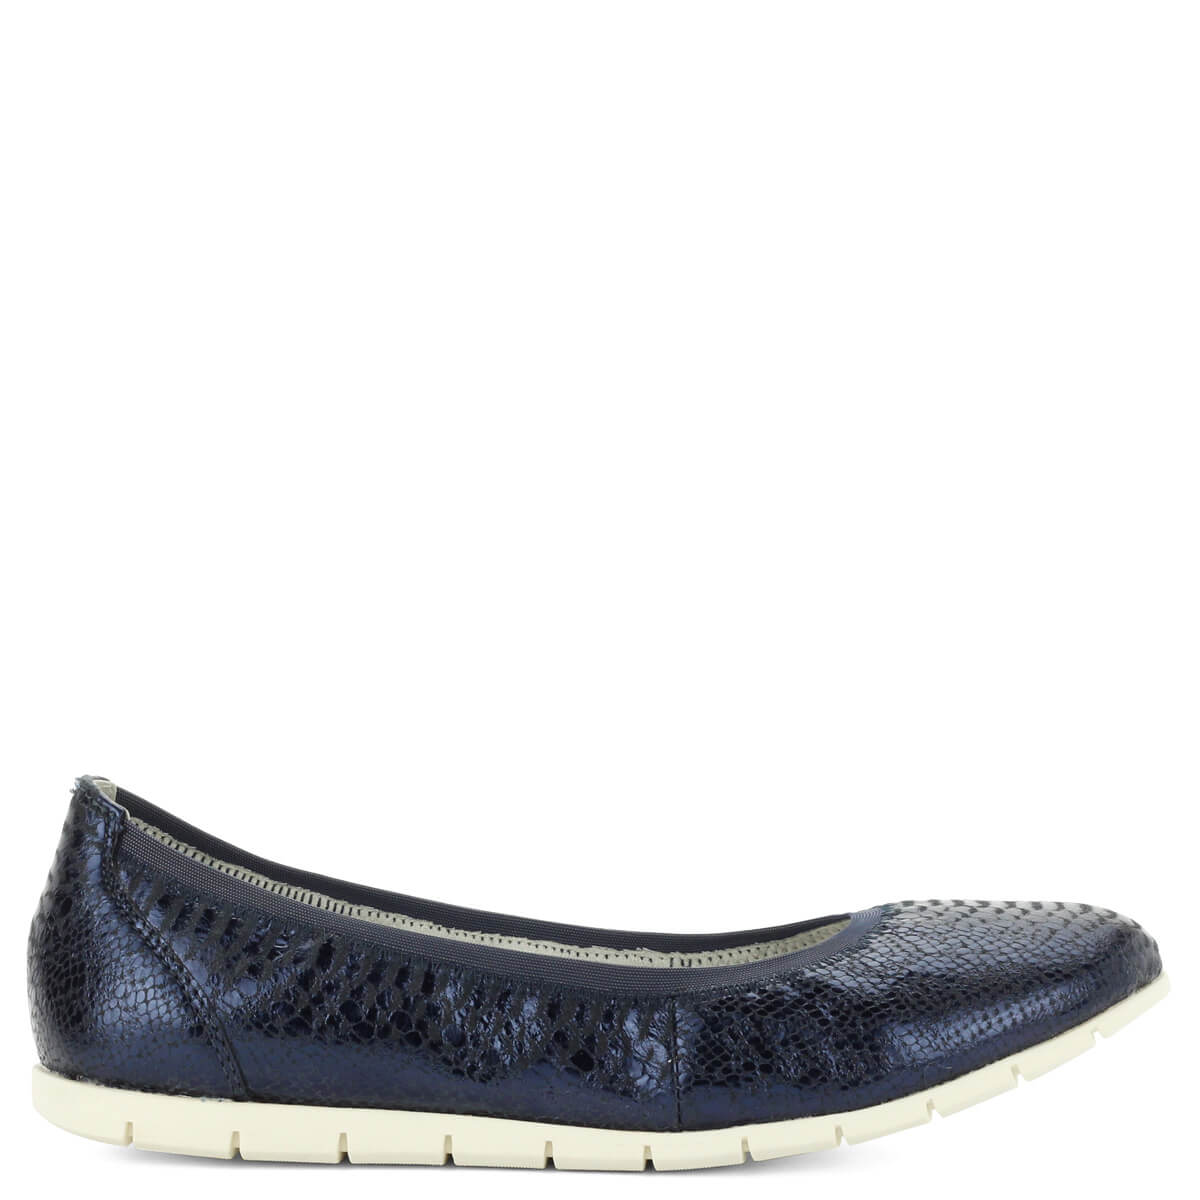 Tamaris balerina cipő sötétkék színben 31e58a9dee